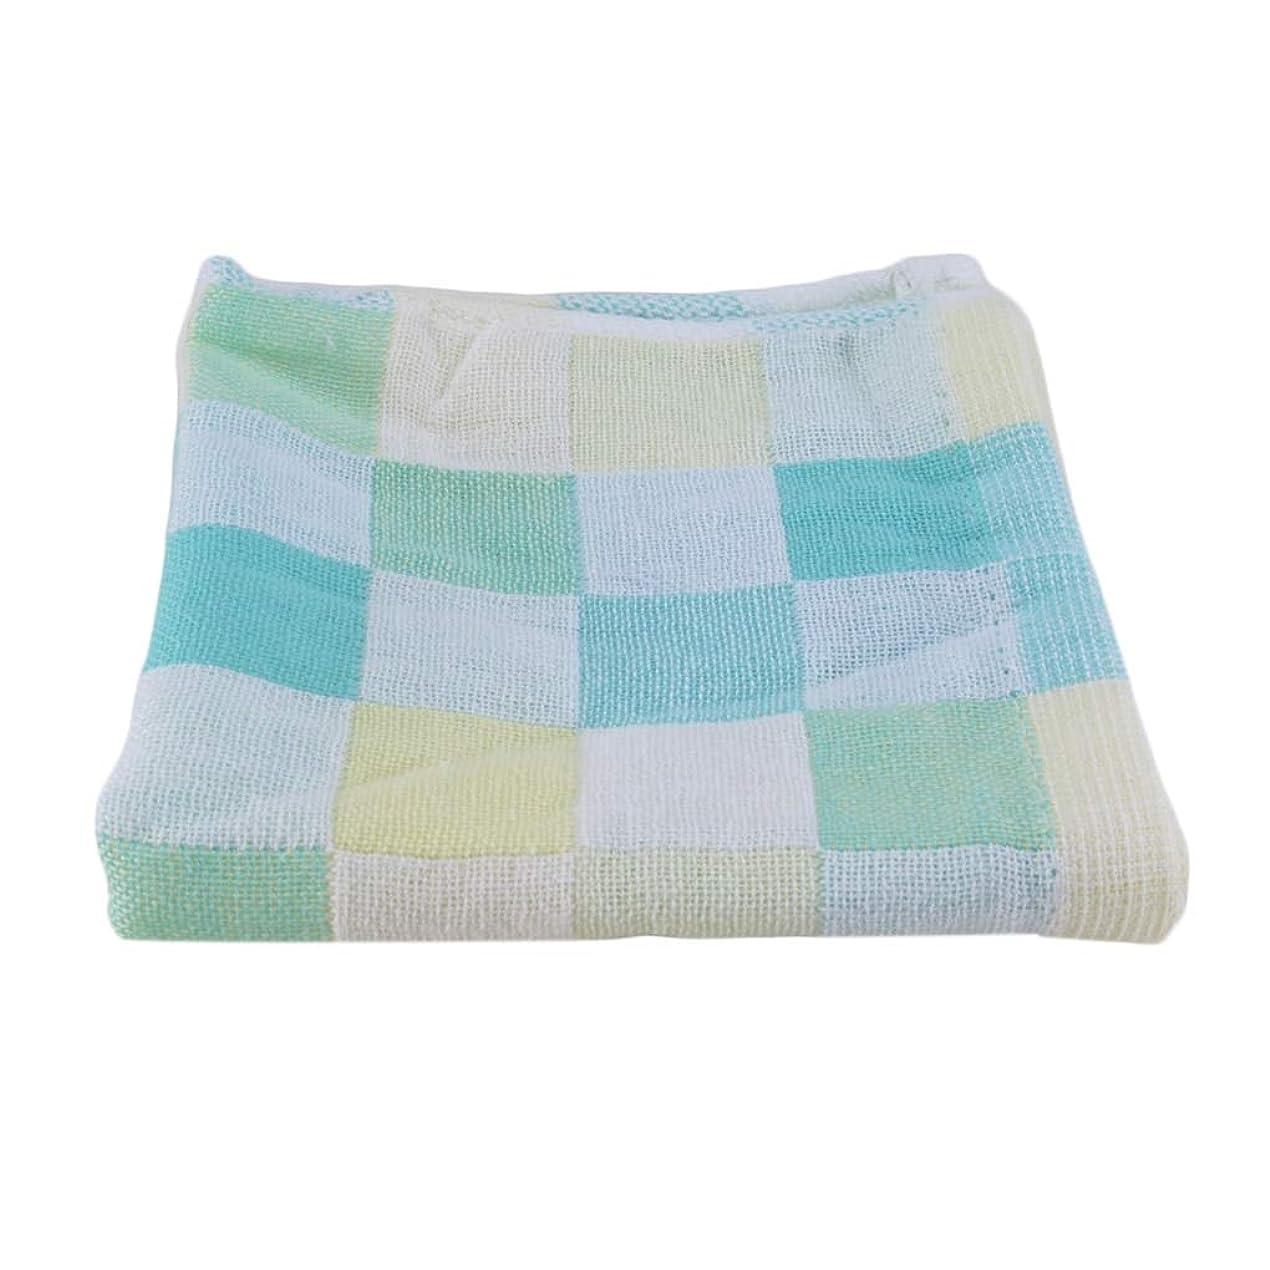 背の高いセンチメンタル噴出するMaxcrestas - 28*28cm Square Towels Cotton gauze Plaid Towel Kids Bibs Daily Use Hand Face Towels for Kids